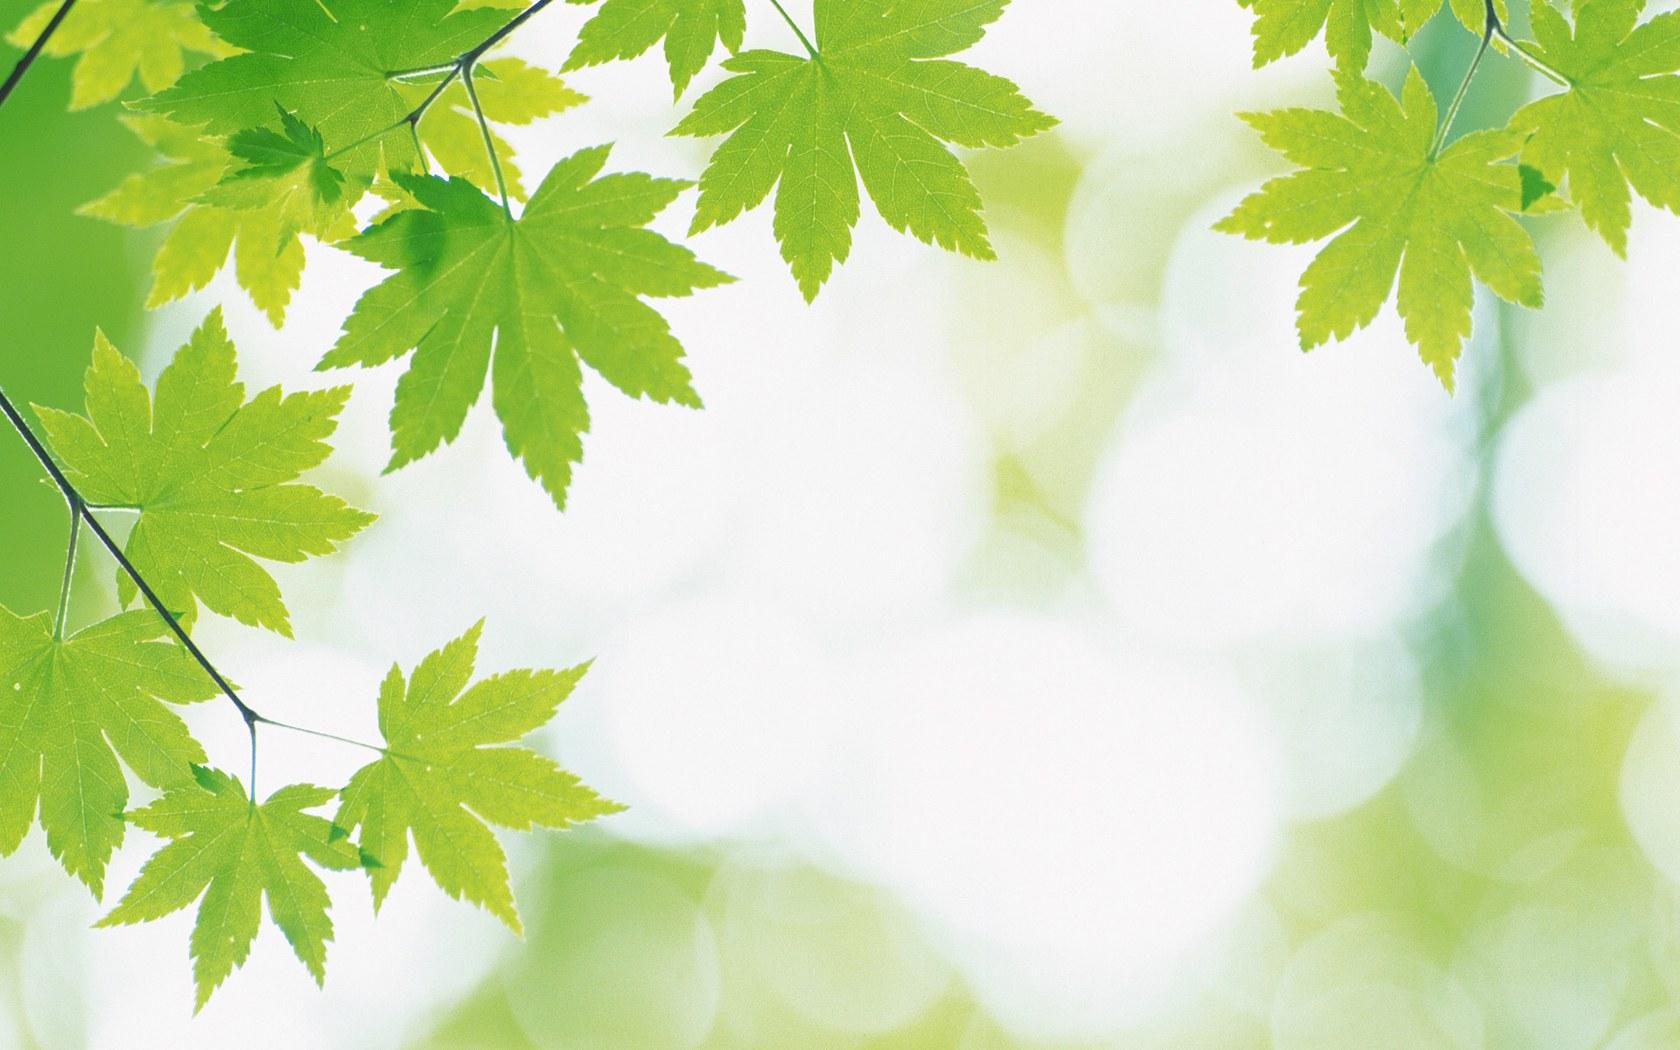 หัวน้ำหอม herbal green : 000868